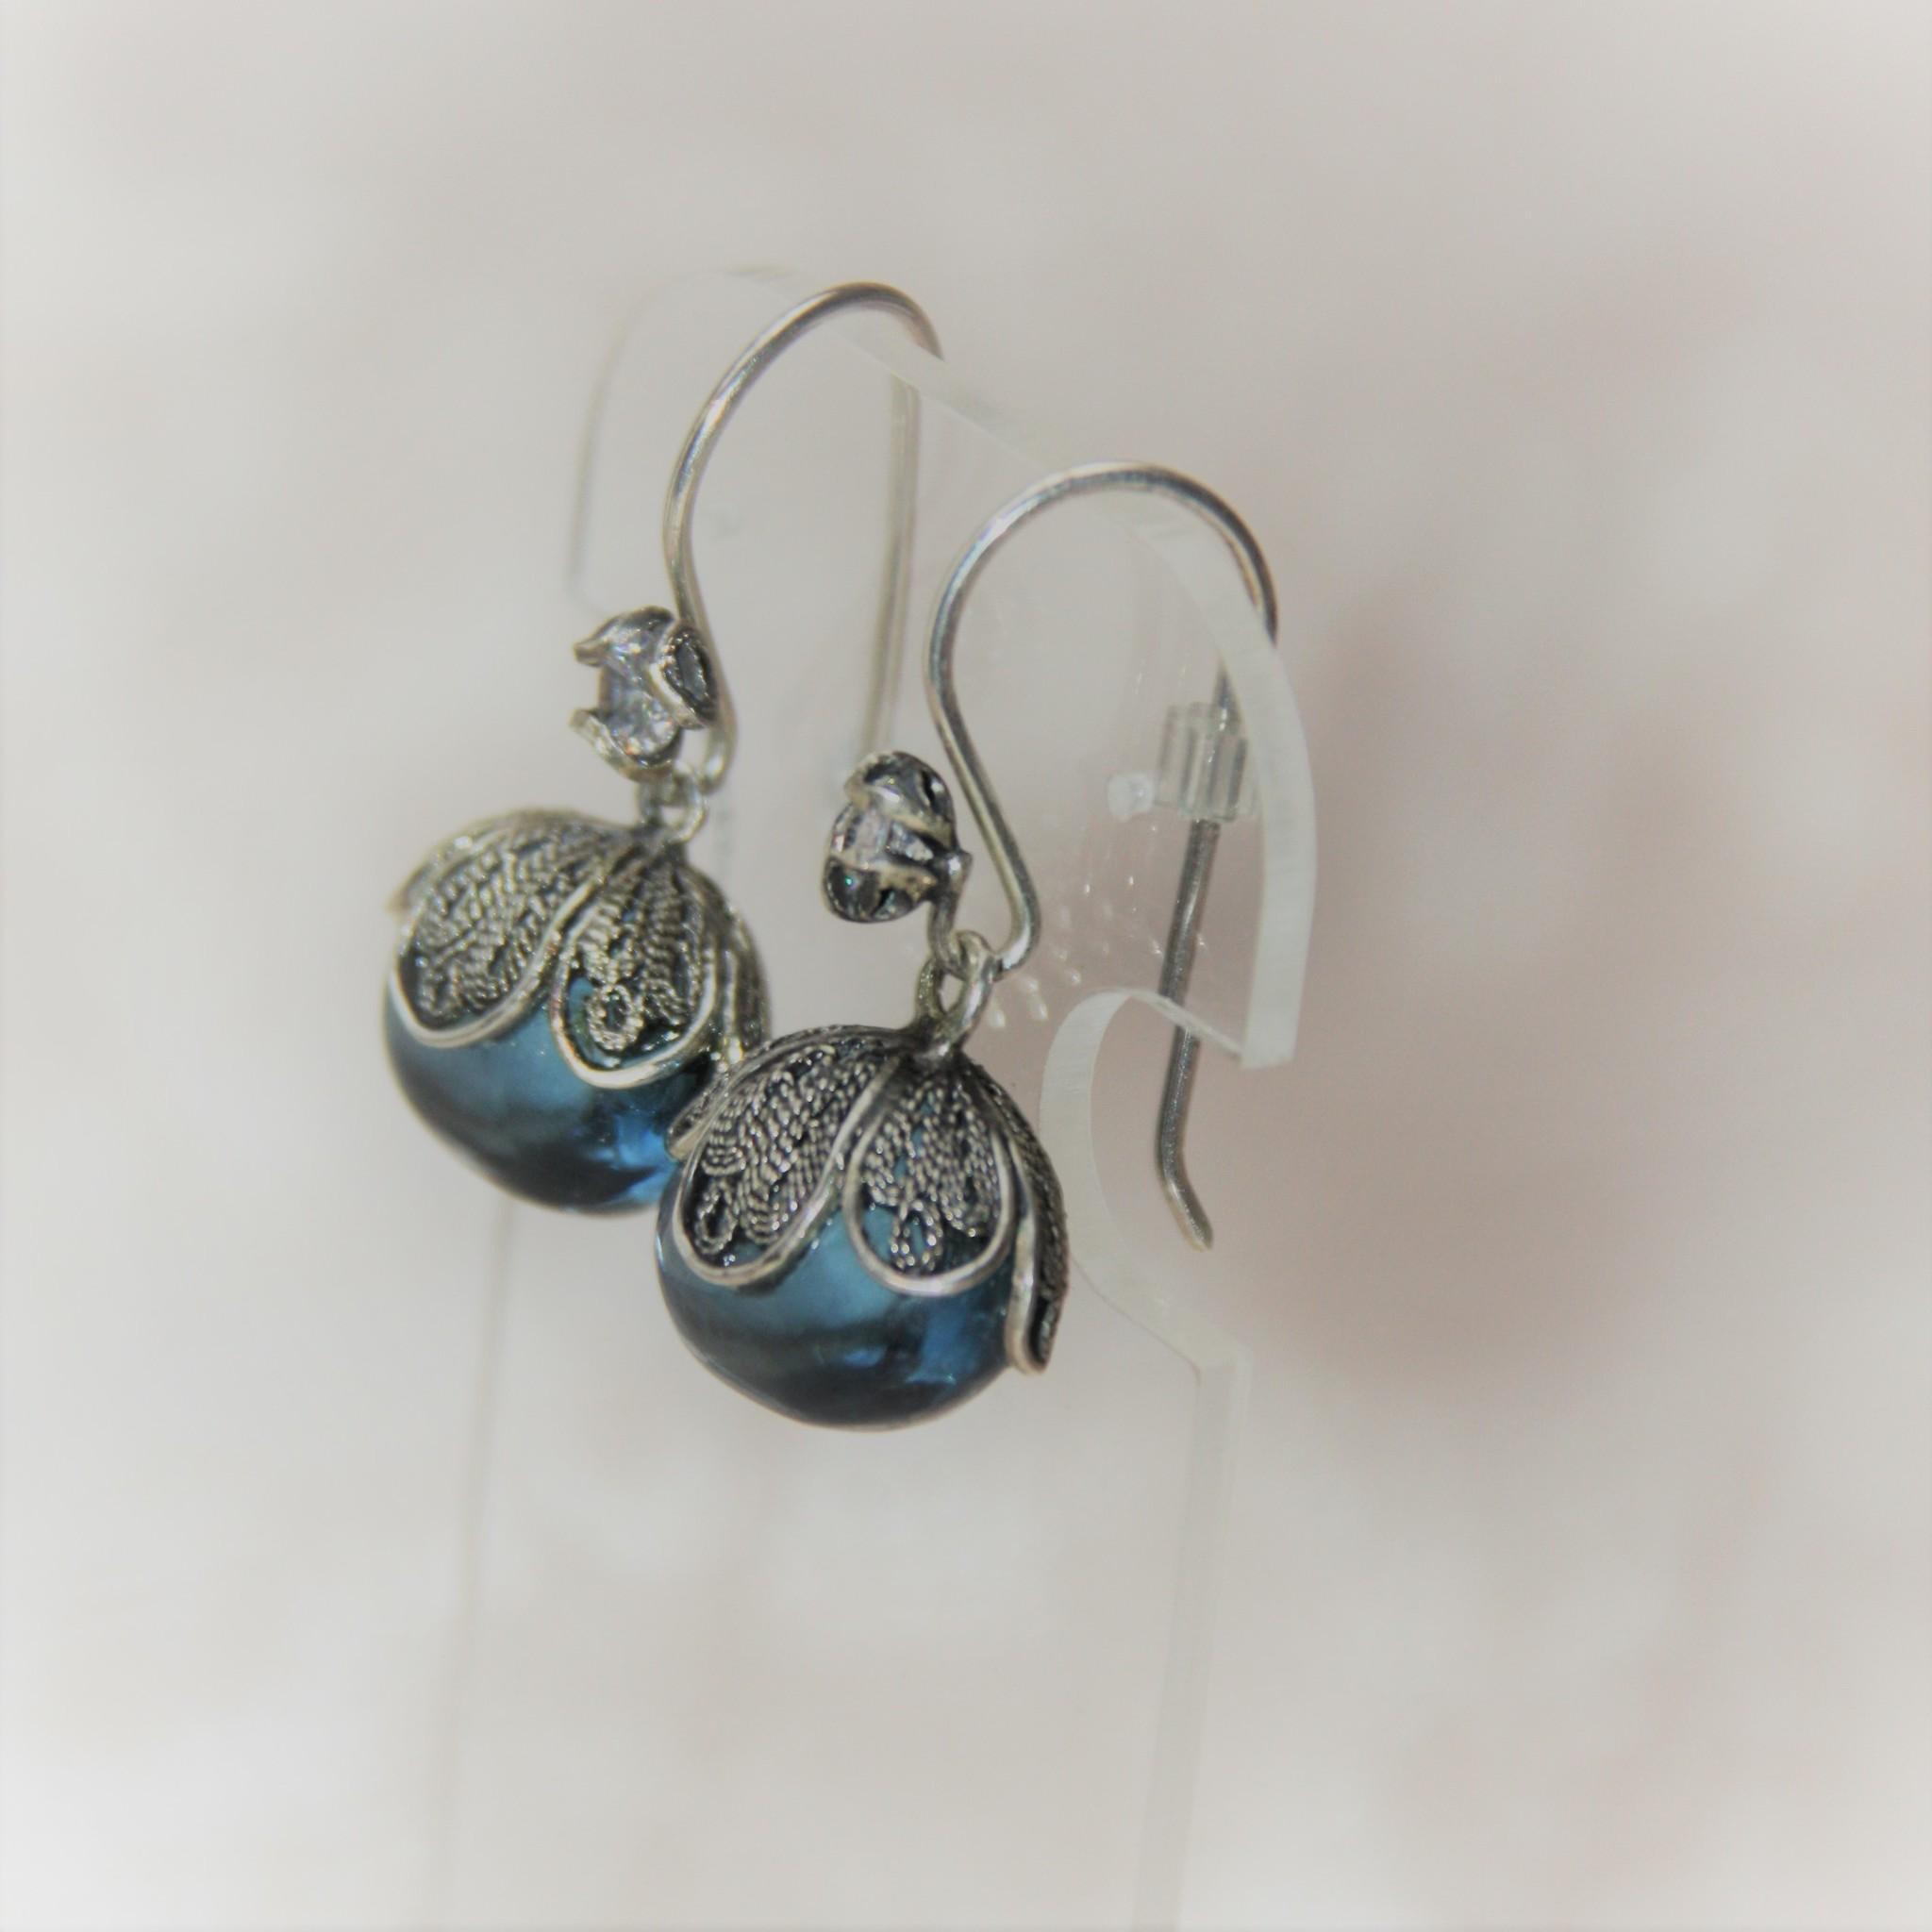 Yvone Christa Blu orecchini di Yvone Christa